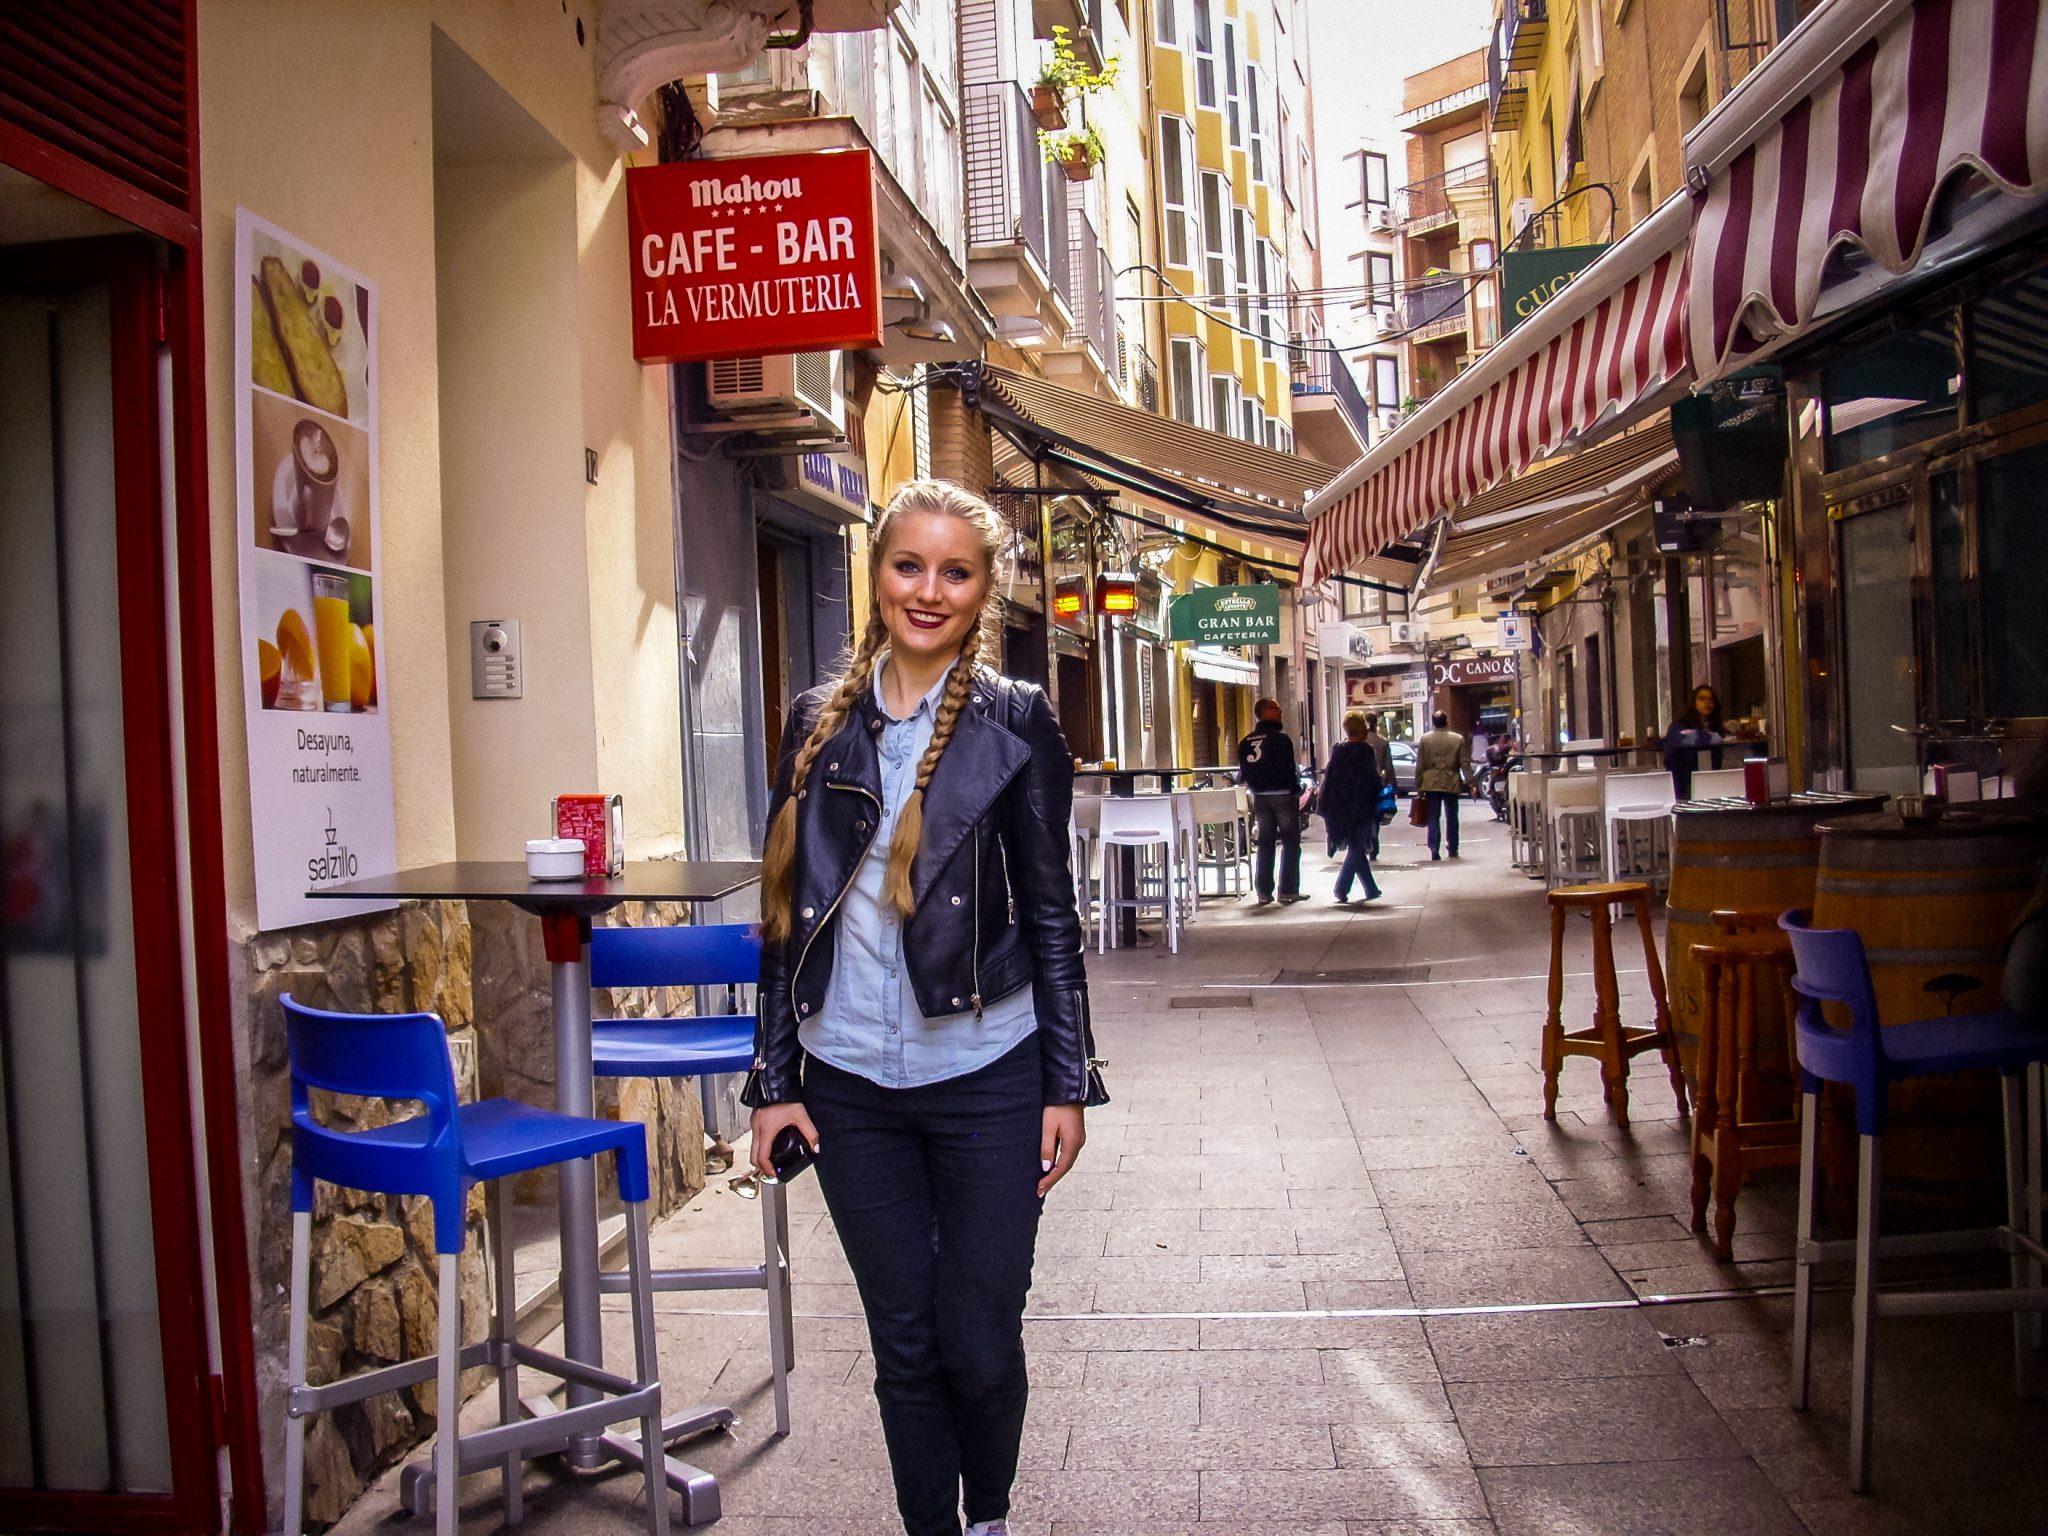 Rund um den Platz hast du eine große Auswahl an allen möglichen Cafés und Restaurants.